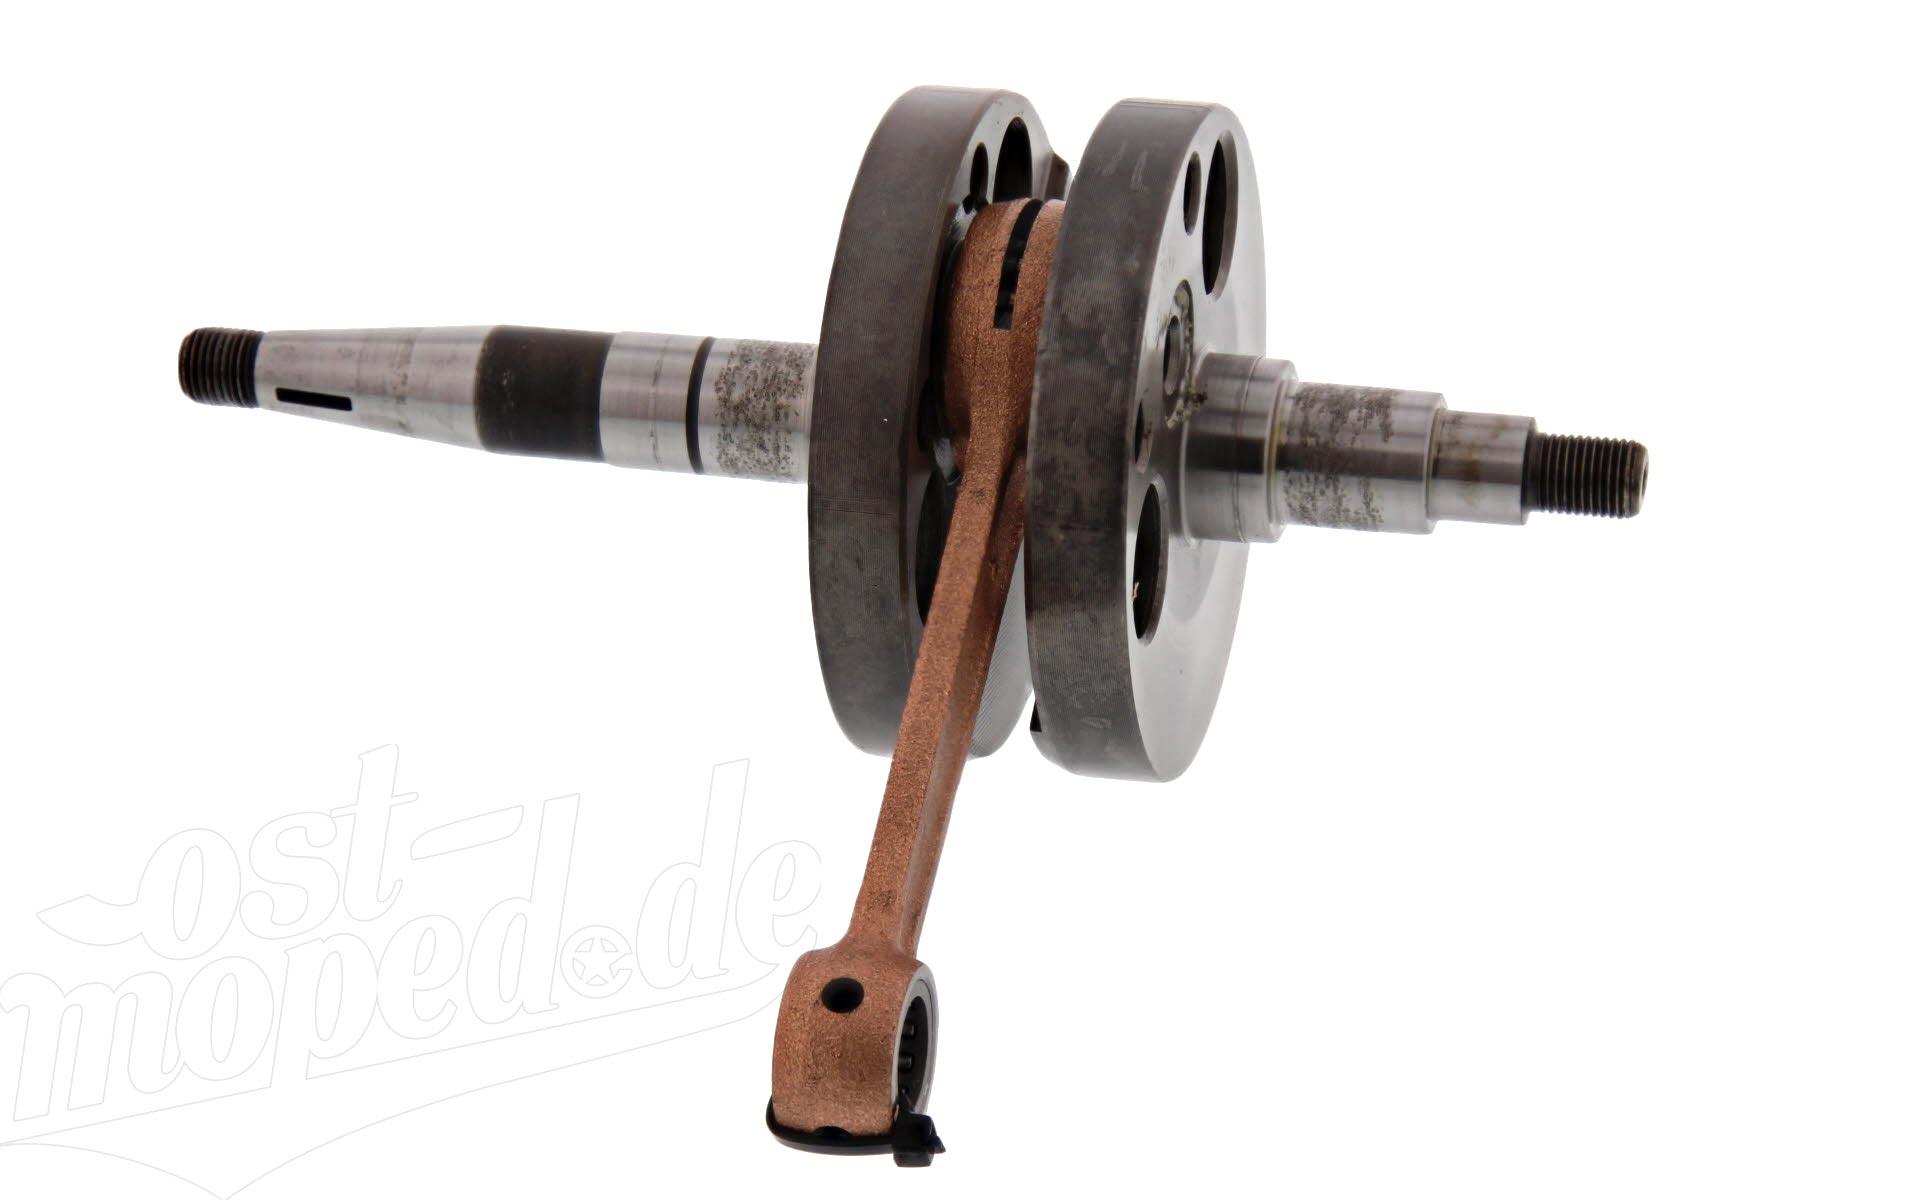 SPIEGLER farbige Stahlflex Bremsleitung VORNE HARLEY FLSTC Heritage Softail Classic FXSTC 96-96